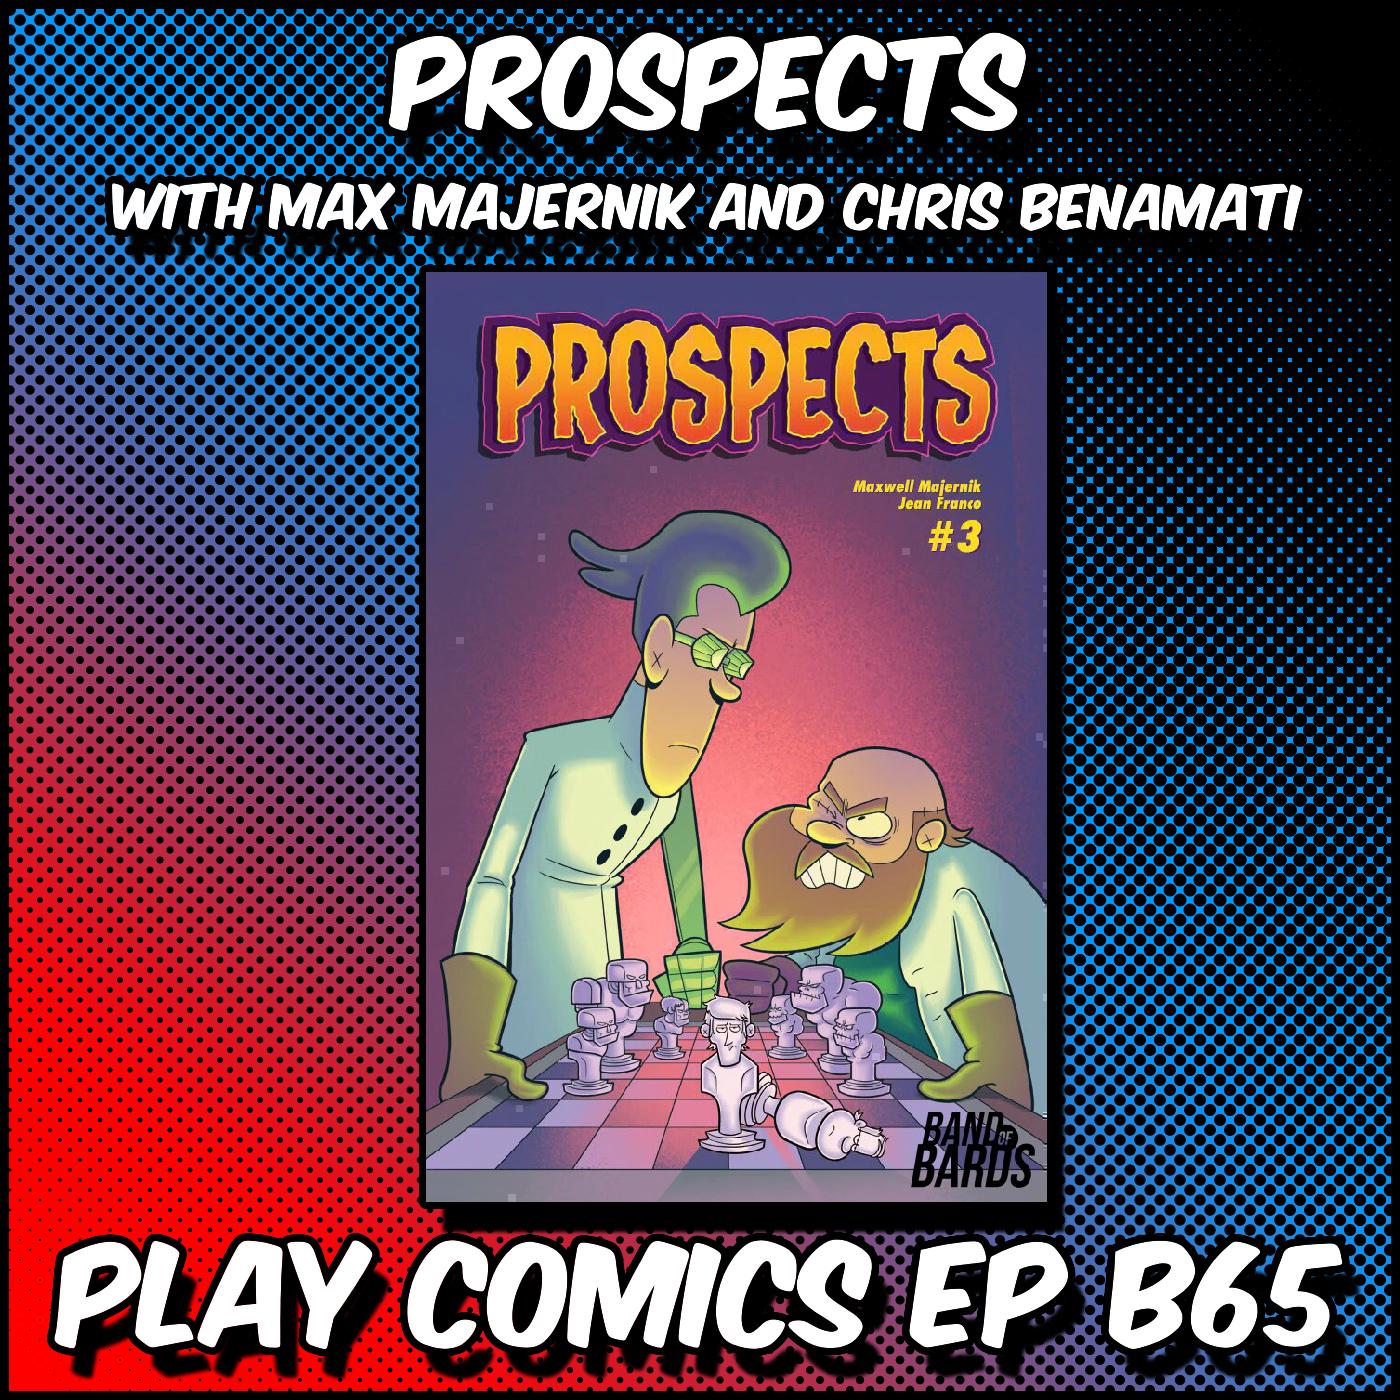 Prospects with Max Majernik and Chris Benamati